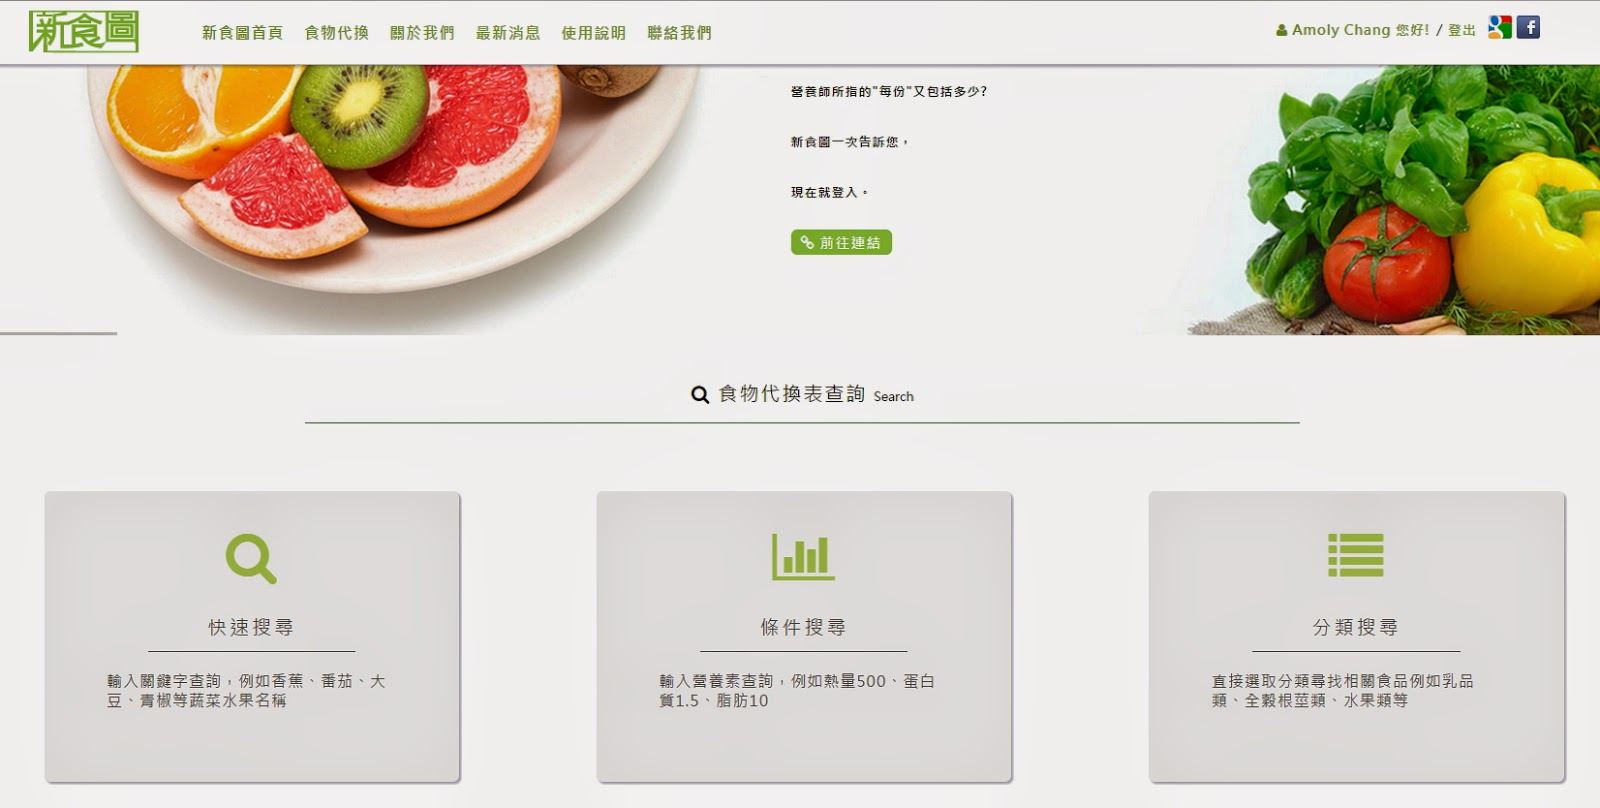 最完整的食物代換表資料庫